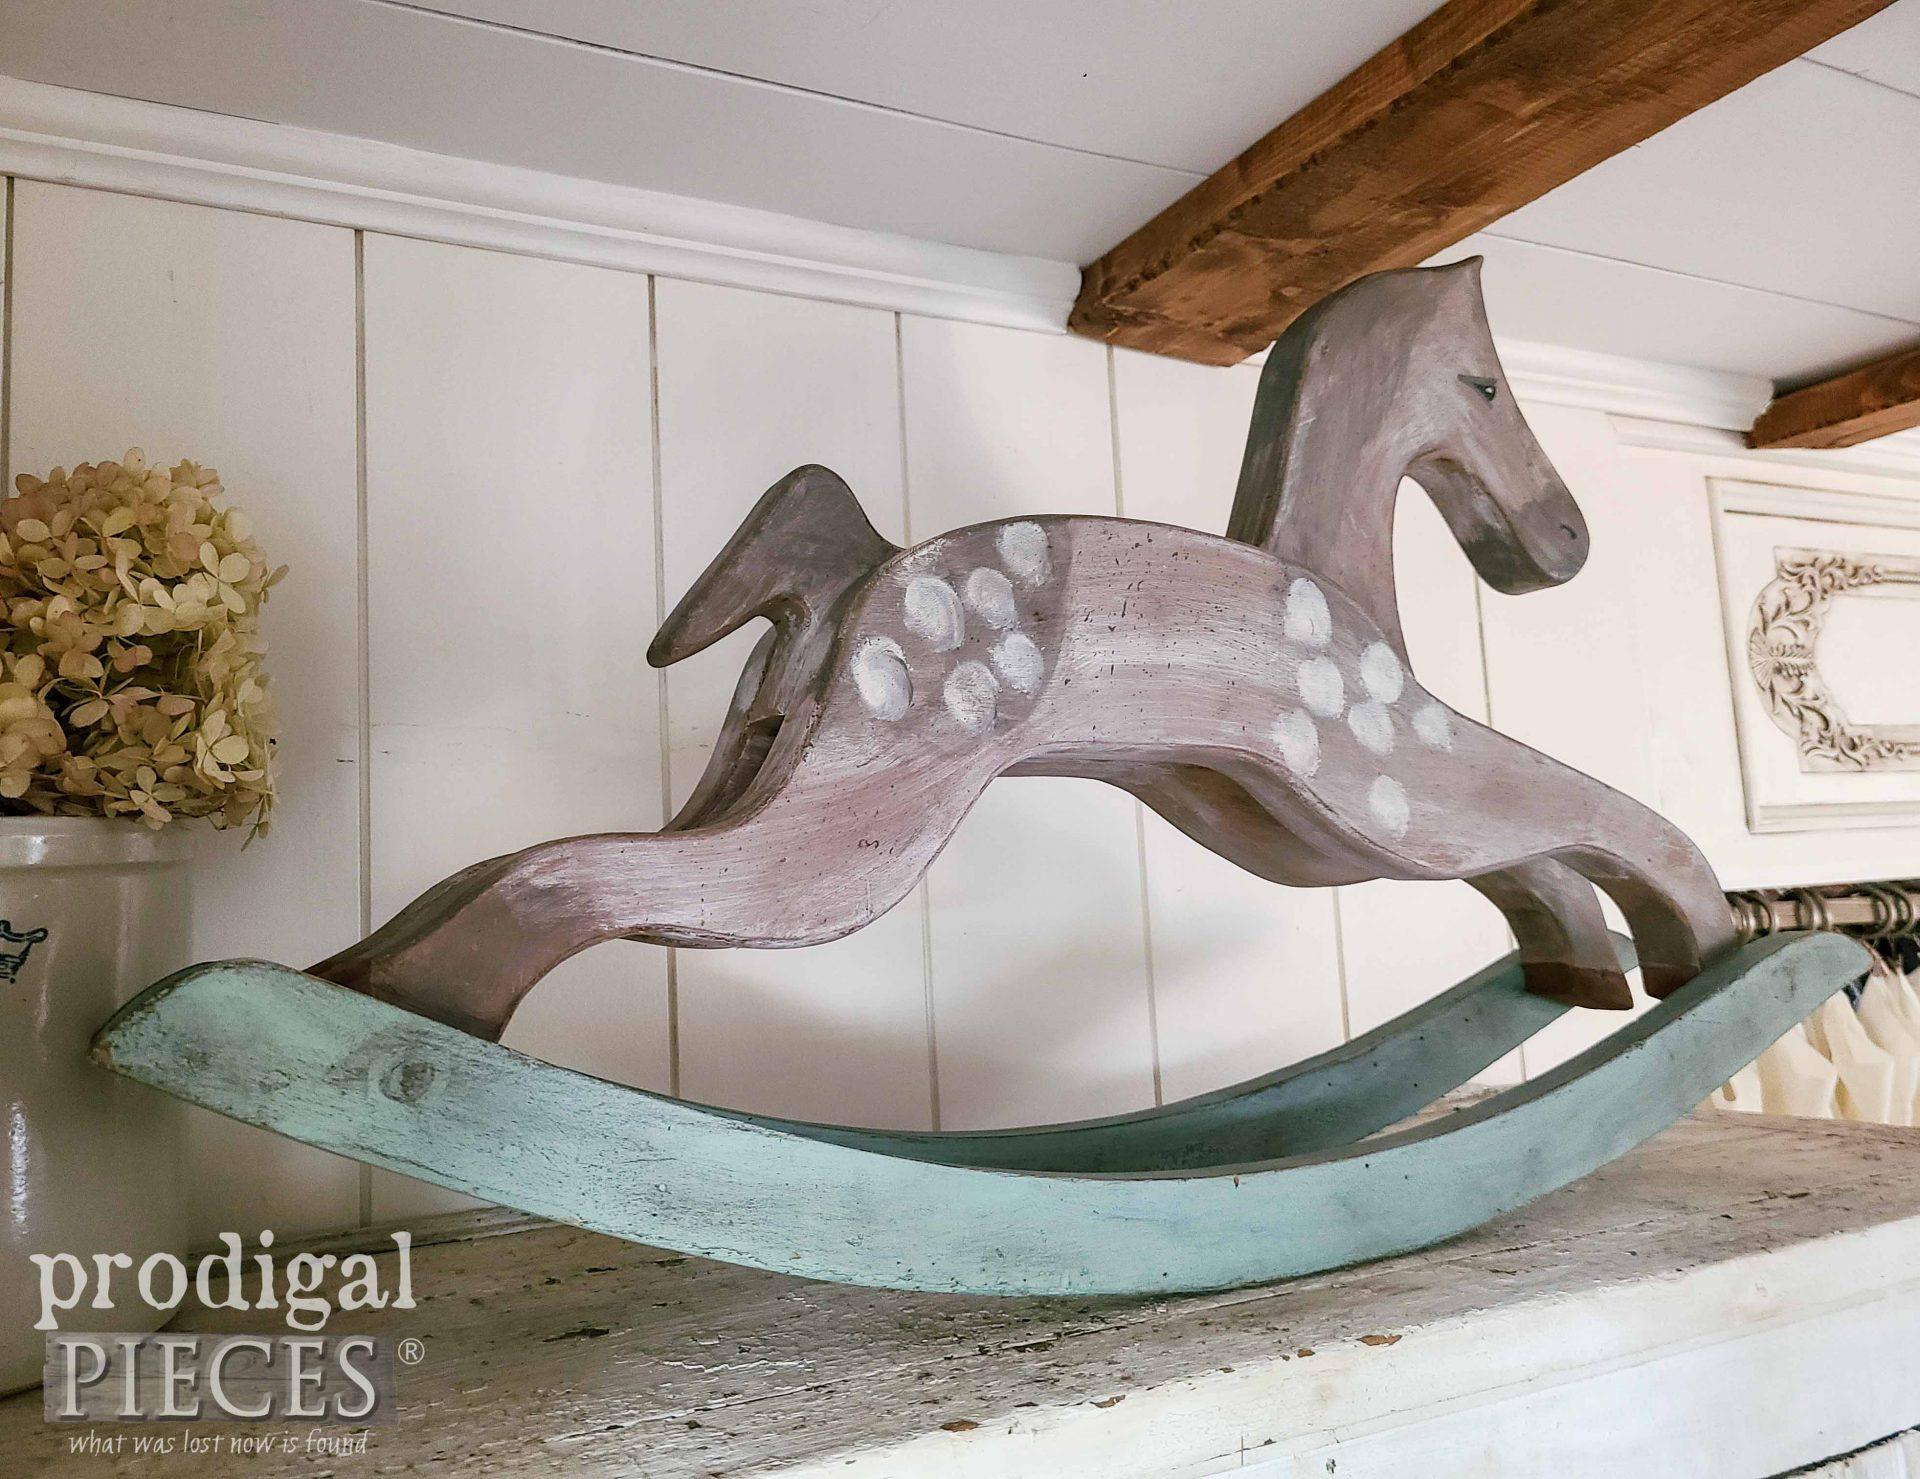 Dappled Gray Farmhouse Antique Rocking Horse by Larissa of Prodigal Pieces | prodigalpieces.com #prodigalpieces #horse #diy #handmade